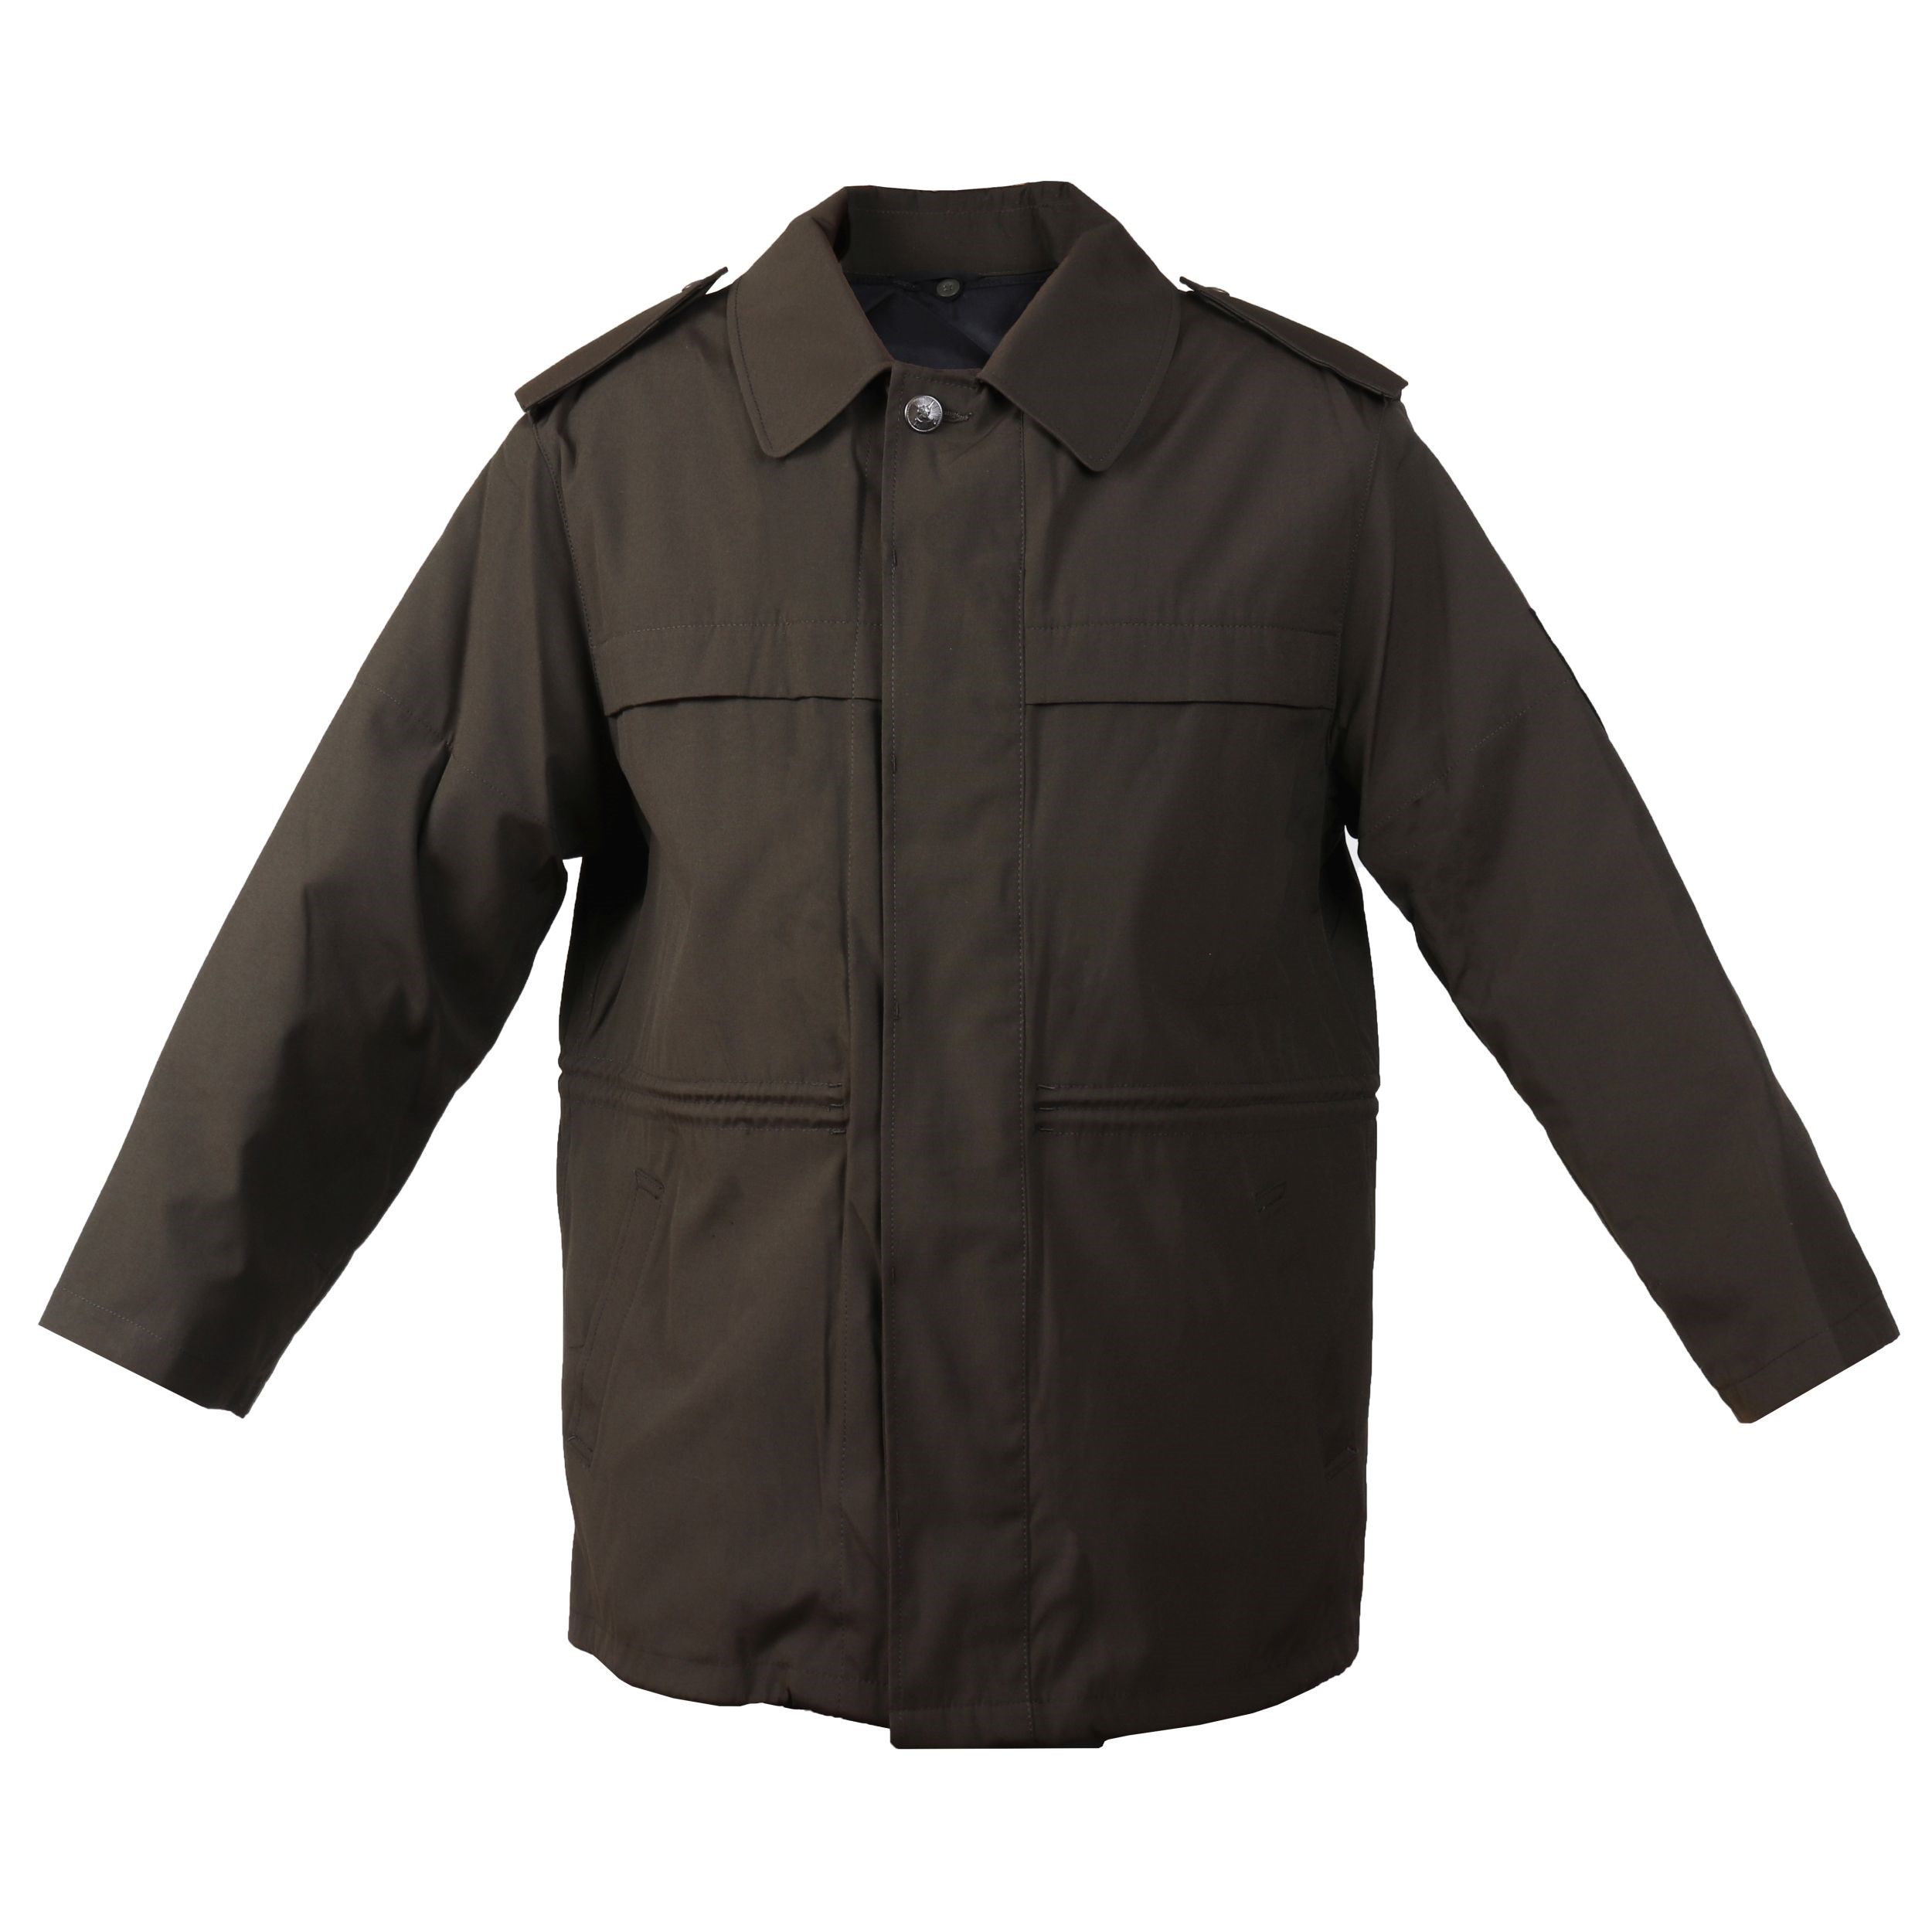 Kabát vycházkový SK vz.98 s prošívanou odjímatelnou vložkou - zvìtšit obrázek